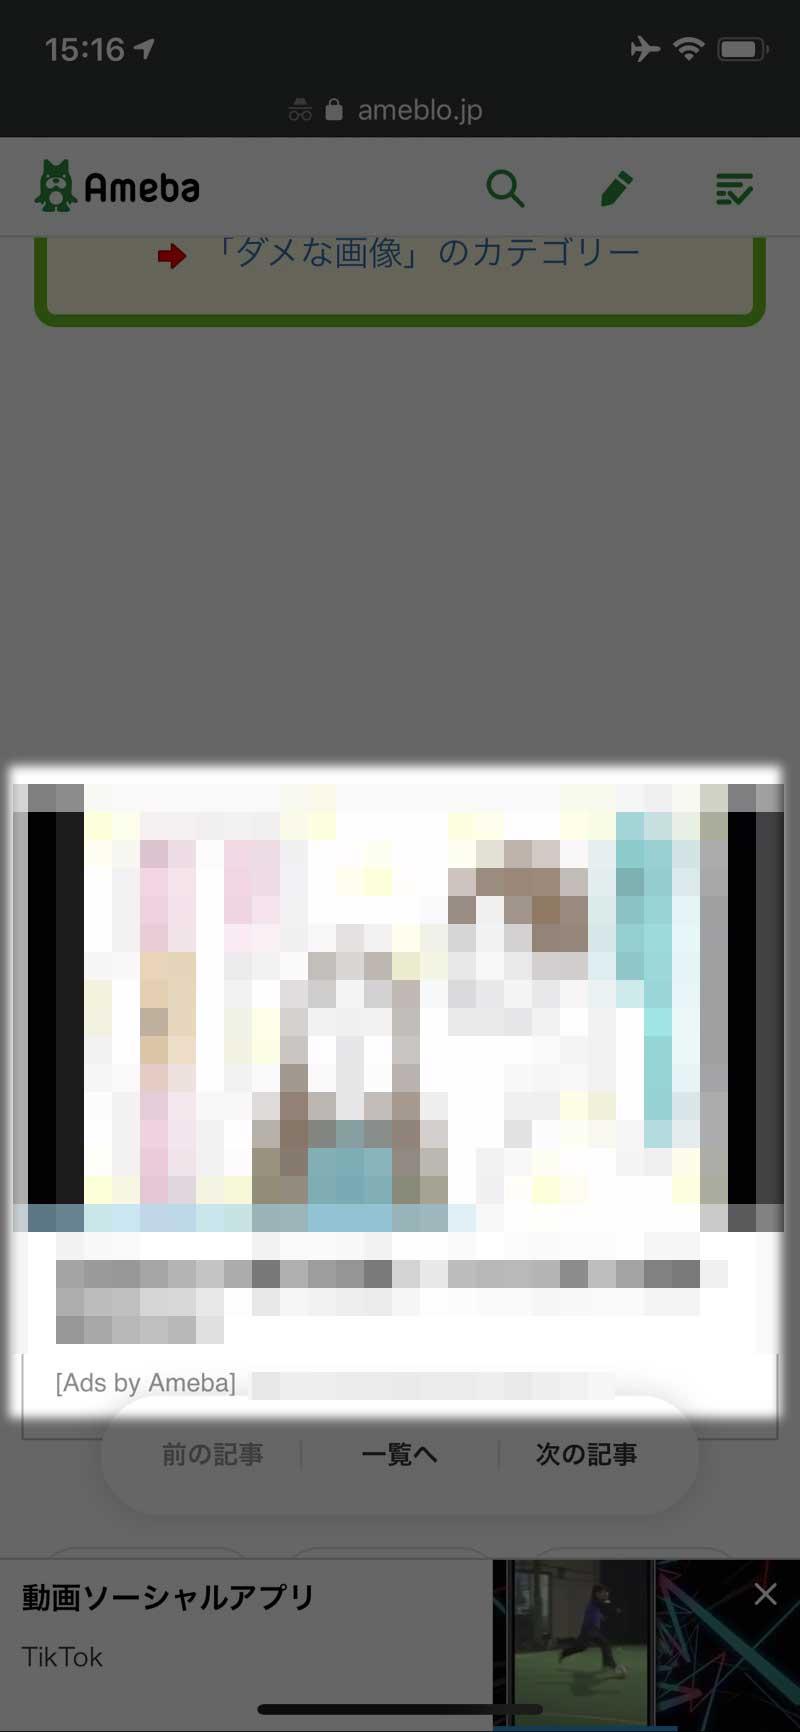 「Ads by Ameba」という広告